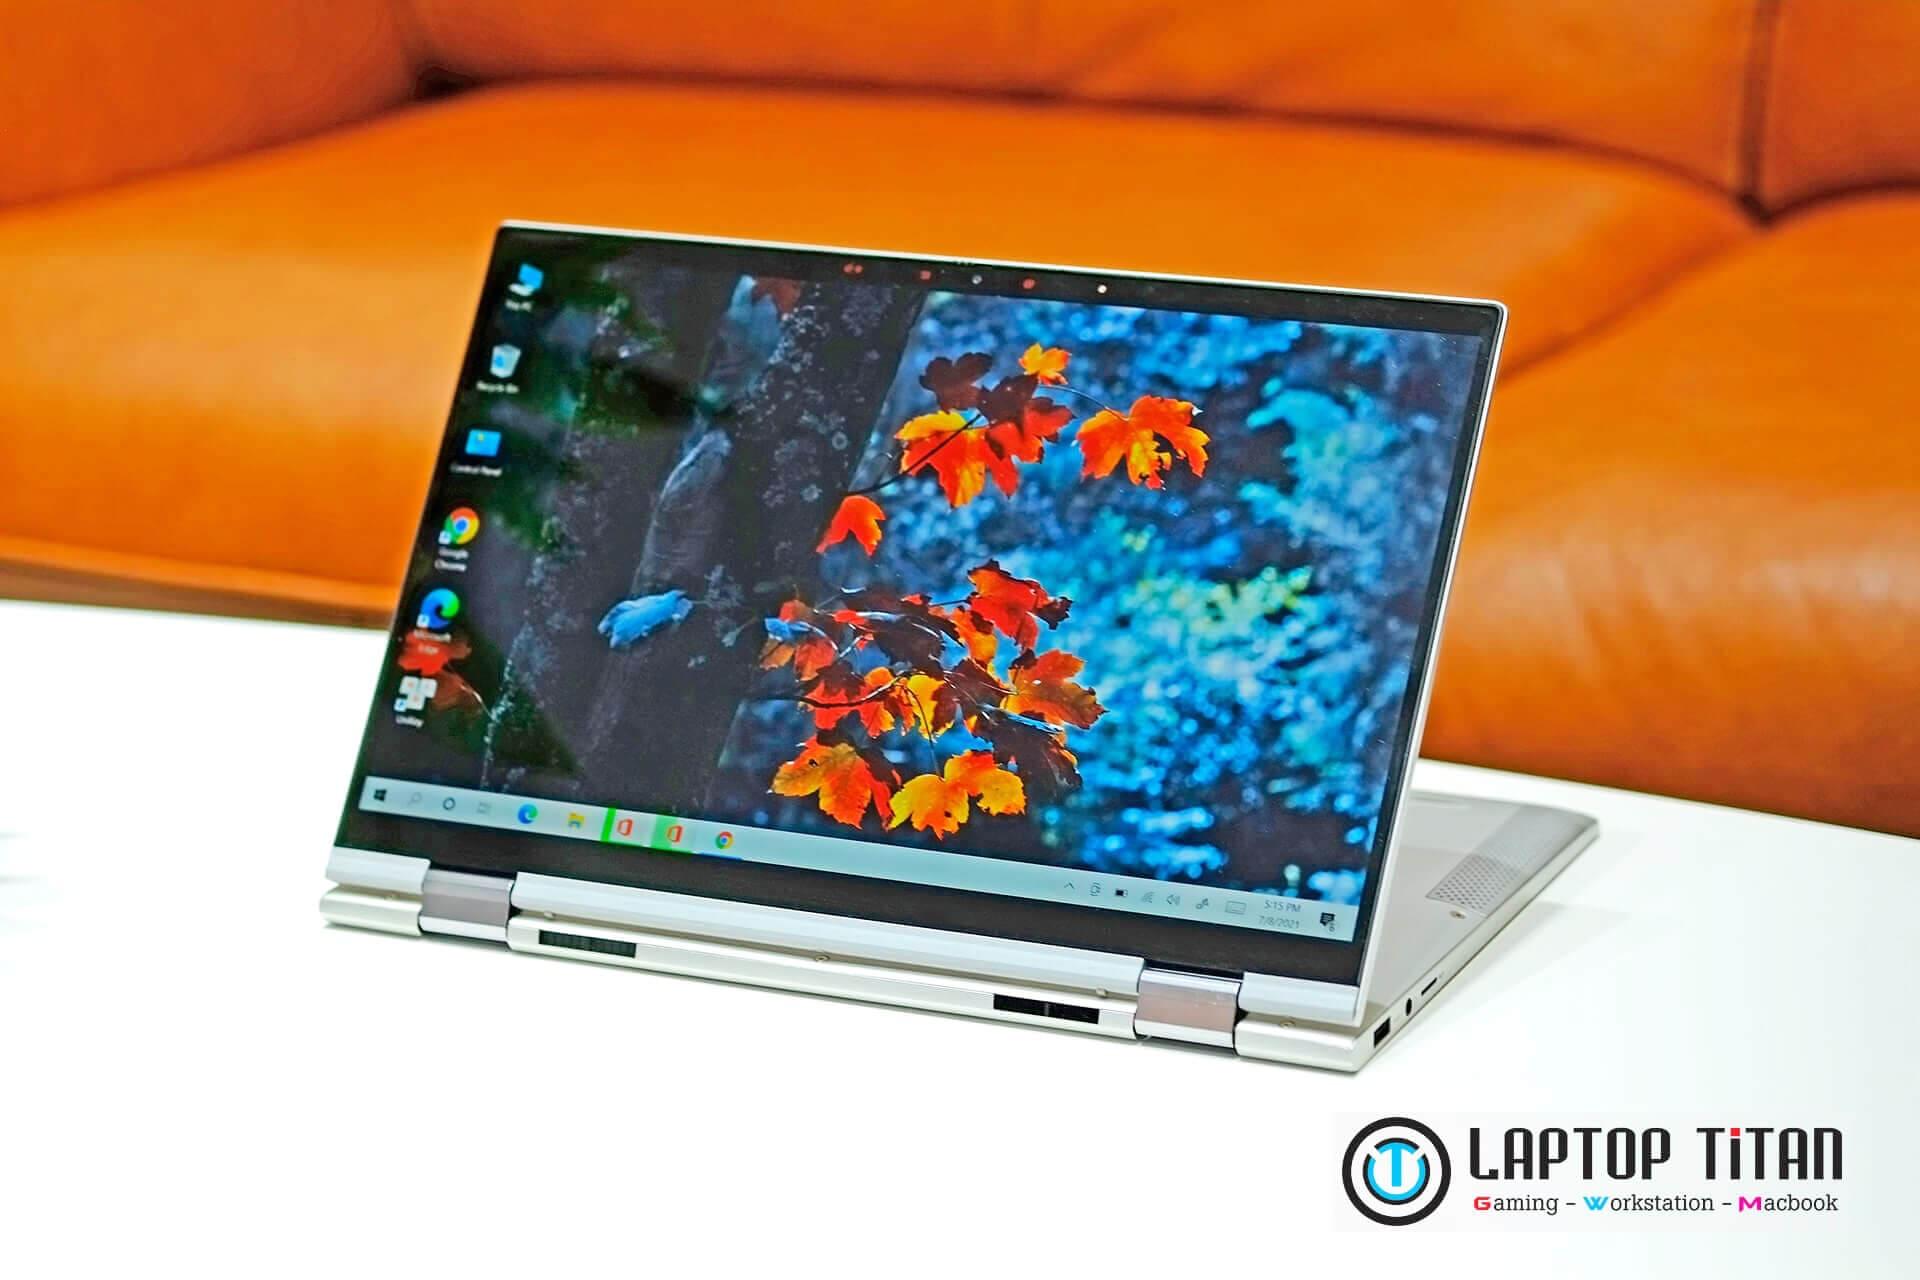 Dell Inspiron 7306 2 In 1 White 12